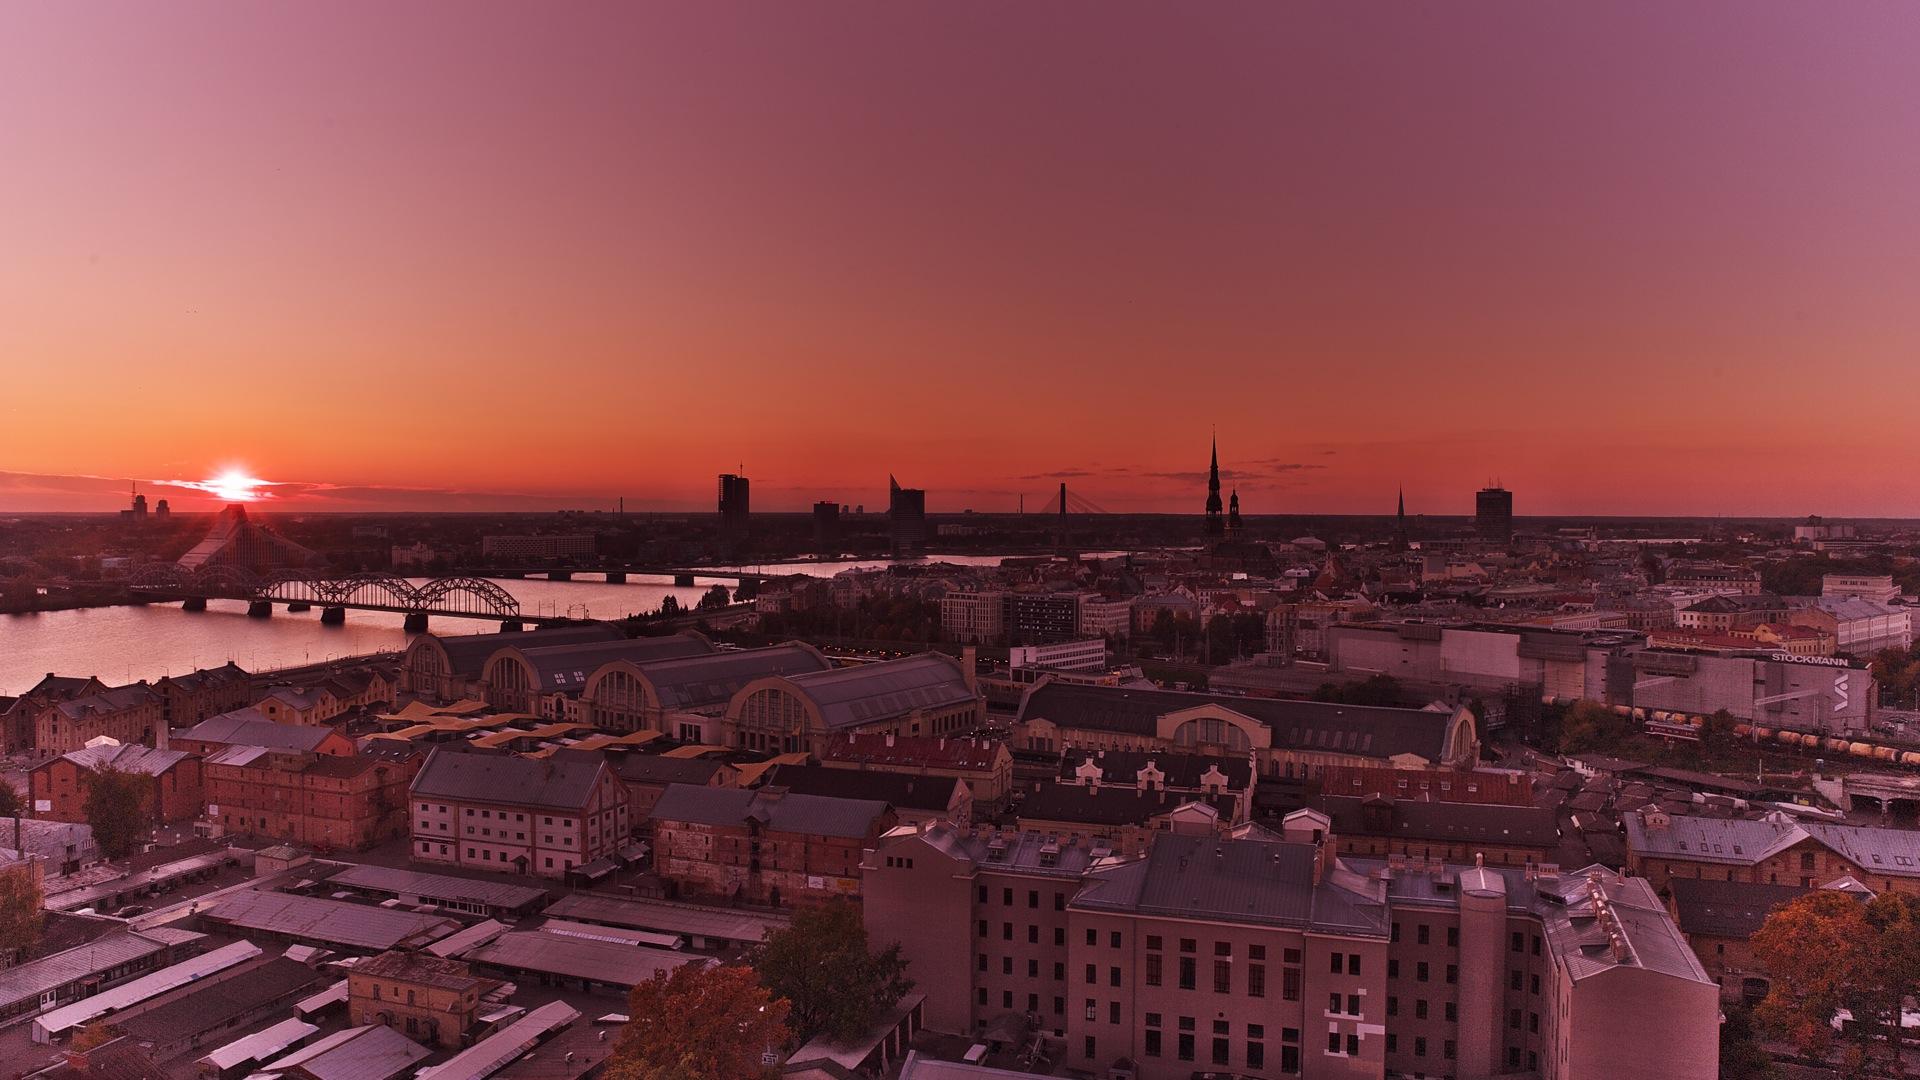 Bild: Sonnenuntergang im Herbst über der neu eröffneten Nationalbibliothek im Stadtteil Āgenskalns von der Aussichtsplattform der Lettischen Wissenschaften aufgenommen. NIKON D700 mit TAMRON SP 24-70mm F/2.8 Di VC USD. ISO 200 ¦ f/11 ¦ 24 mm ¦ 1/100 s ¦ kein Blitz. Klicken Sie auf das Bild um es zu vergrößern.